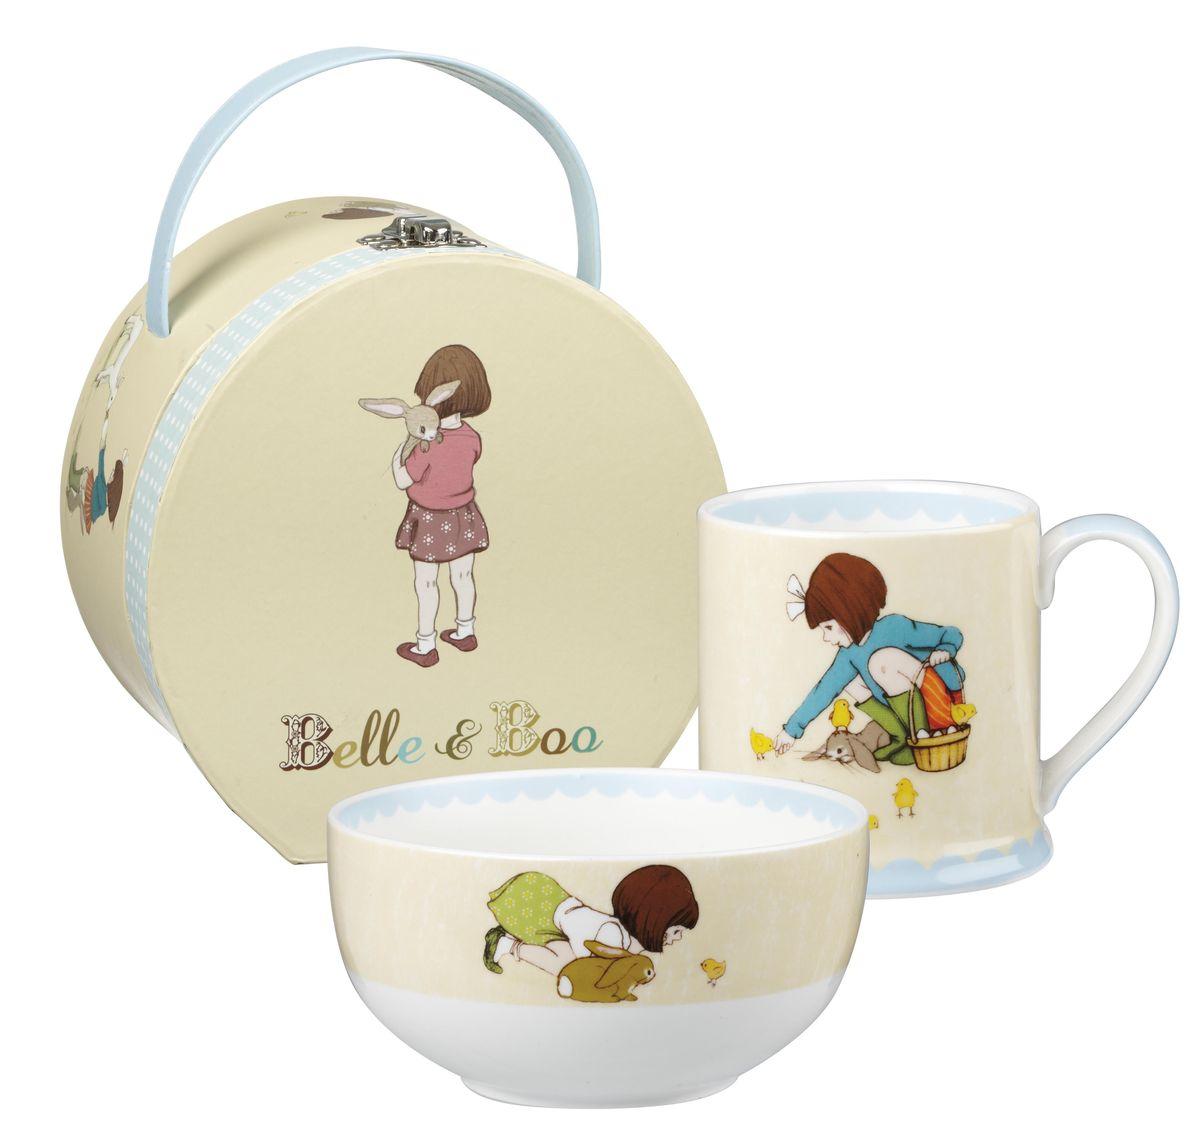 Набор столовой посуды Churchill, 2 предмета. BBCL00011BBCL00011Маленькая девочка Белль и её друг кролик Бу всегда вместе и в солнечные дни, и дождливую погоду, они вместе мечтают и играют, герои любознательны и любят учиться, все это отражает коллекция Белль и Бу в своих рисунка. Материал: Фарфор Можно мыть в посудомоечной машине Можно использовать в микроволновой печи Детская посуда от 3-х лет Внимание: посуда с позолоченным орнаментом запрещена для использования в микроволновой печи, т.к. металлическая позолота может привести к искрообразованию в камере микроволновой печи.